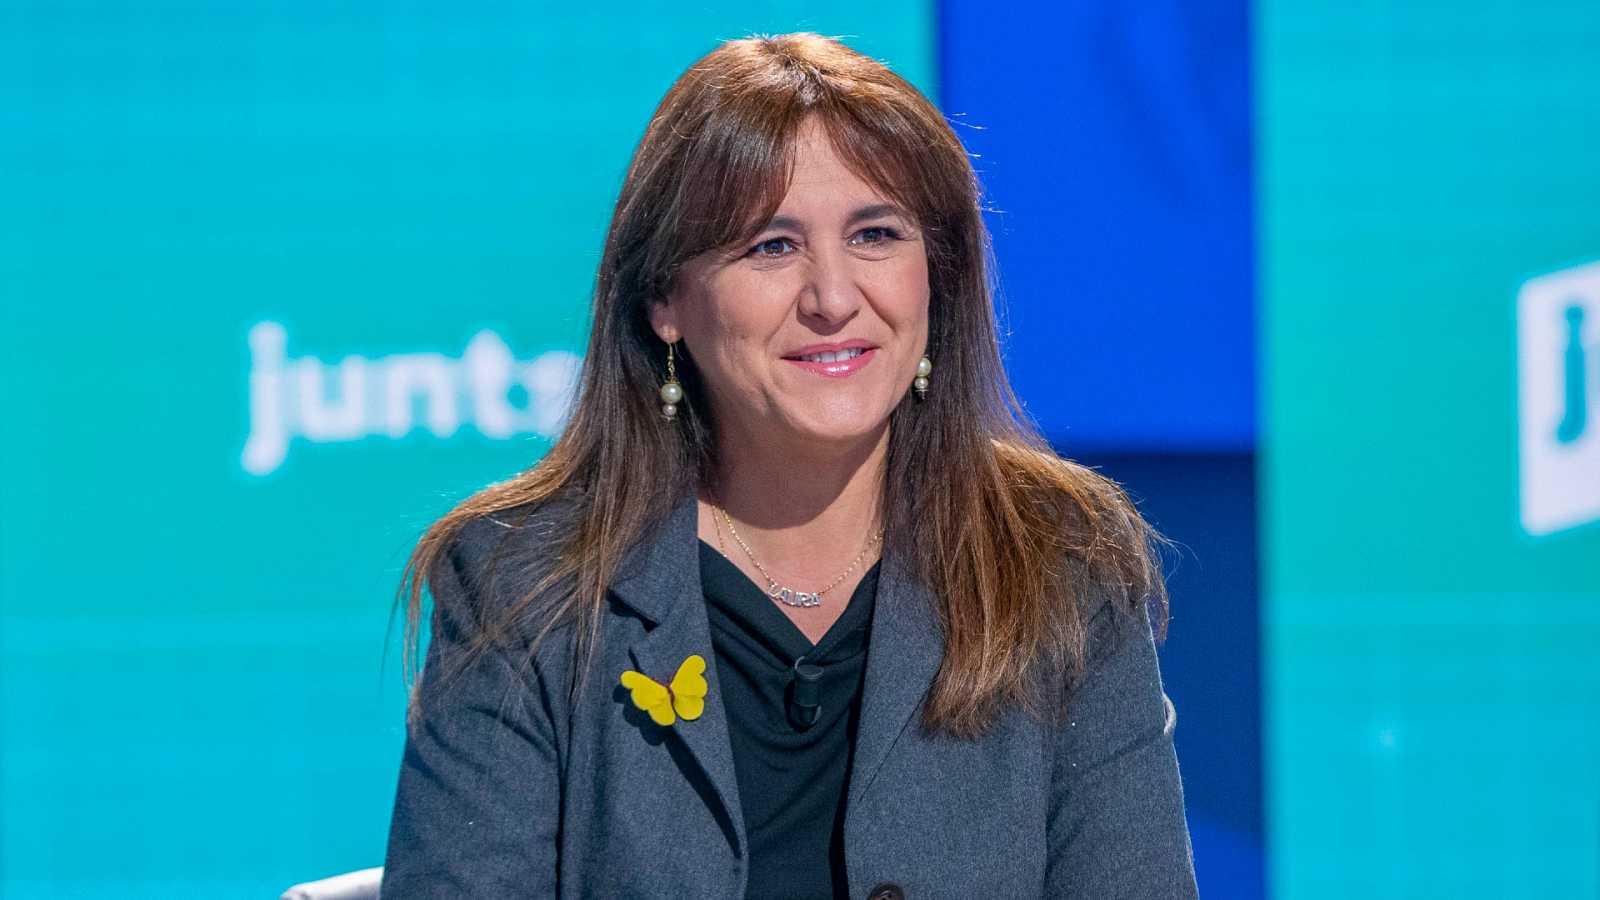 """Laura Borràs critica el apoyo de ERC a los Presupuestos: """"A quien apuntala es al Gobierno, no a Cataluña"""""""